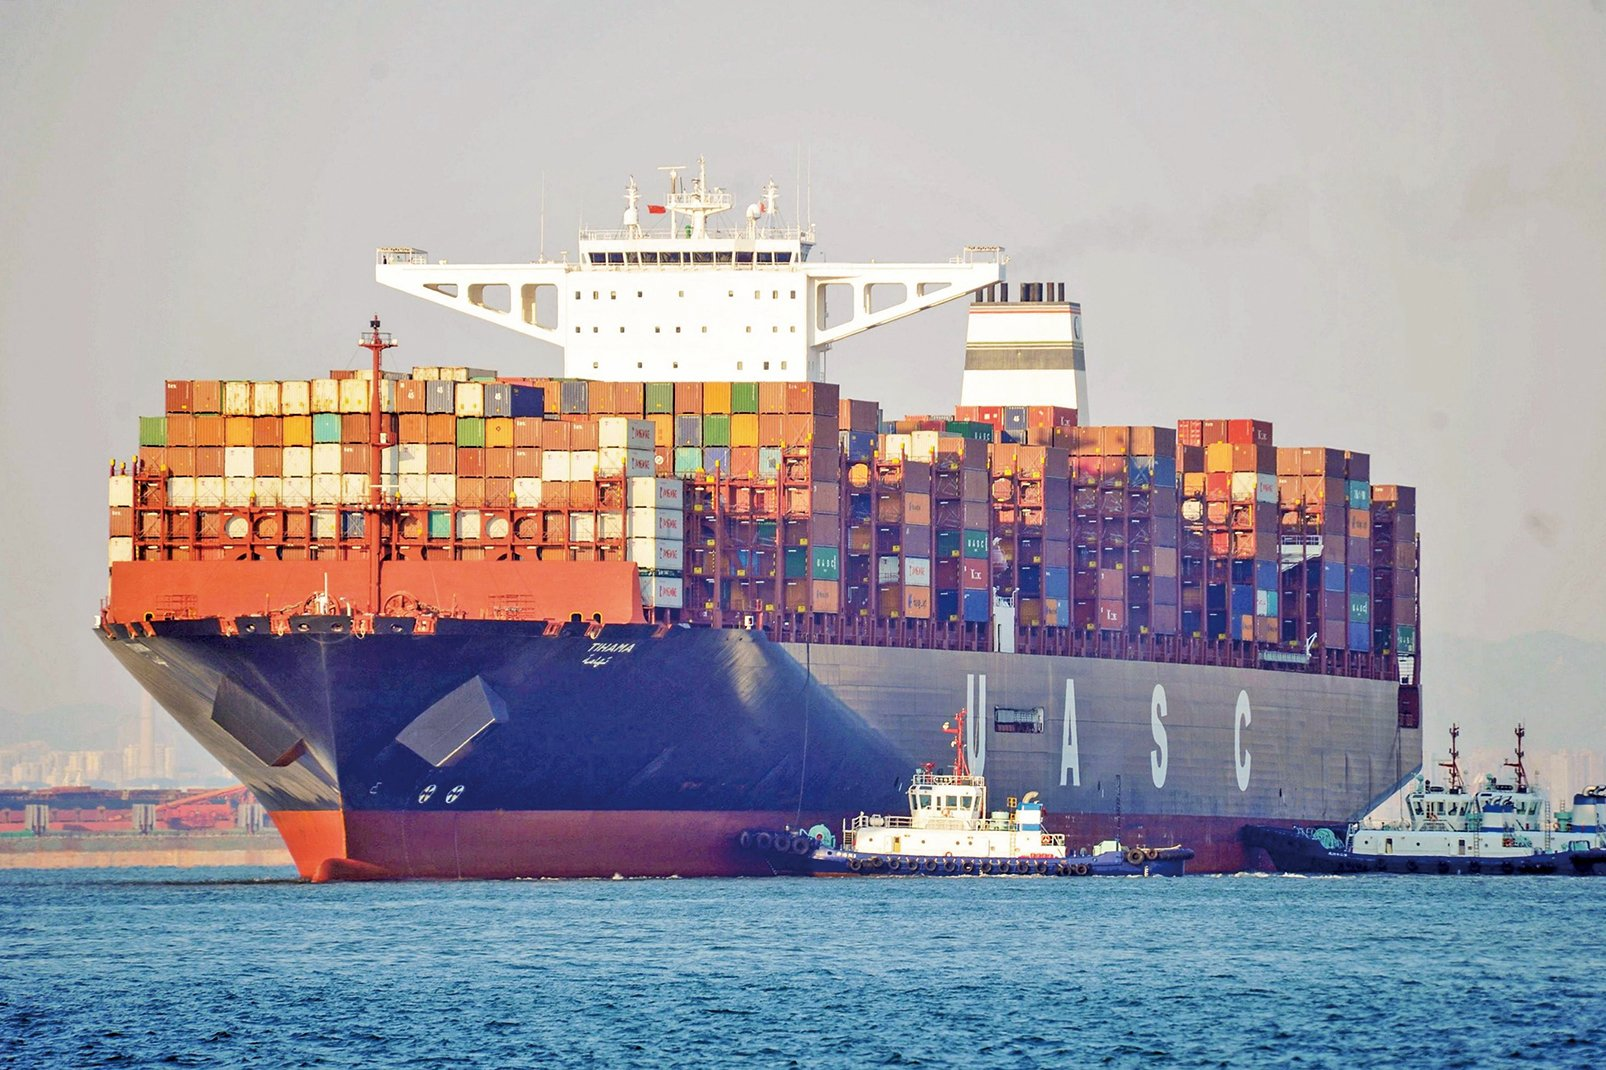 美國中期選舉落幕,中美貿易戰能否隨之停火,備受各界矚目。(AFP/Getty Images)